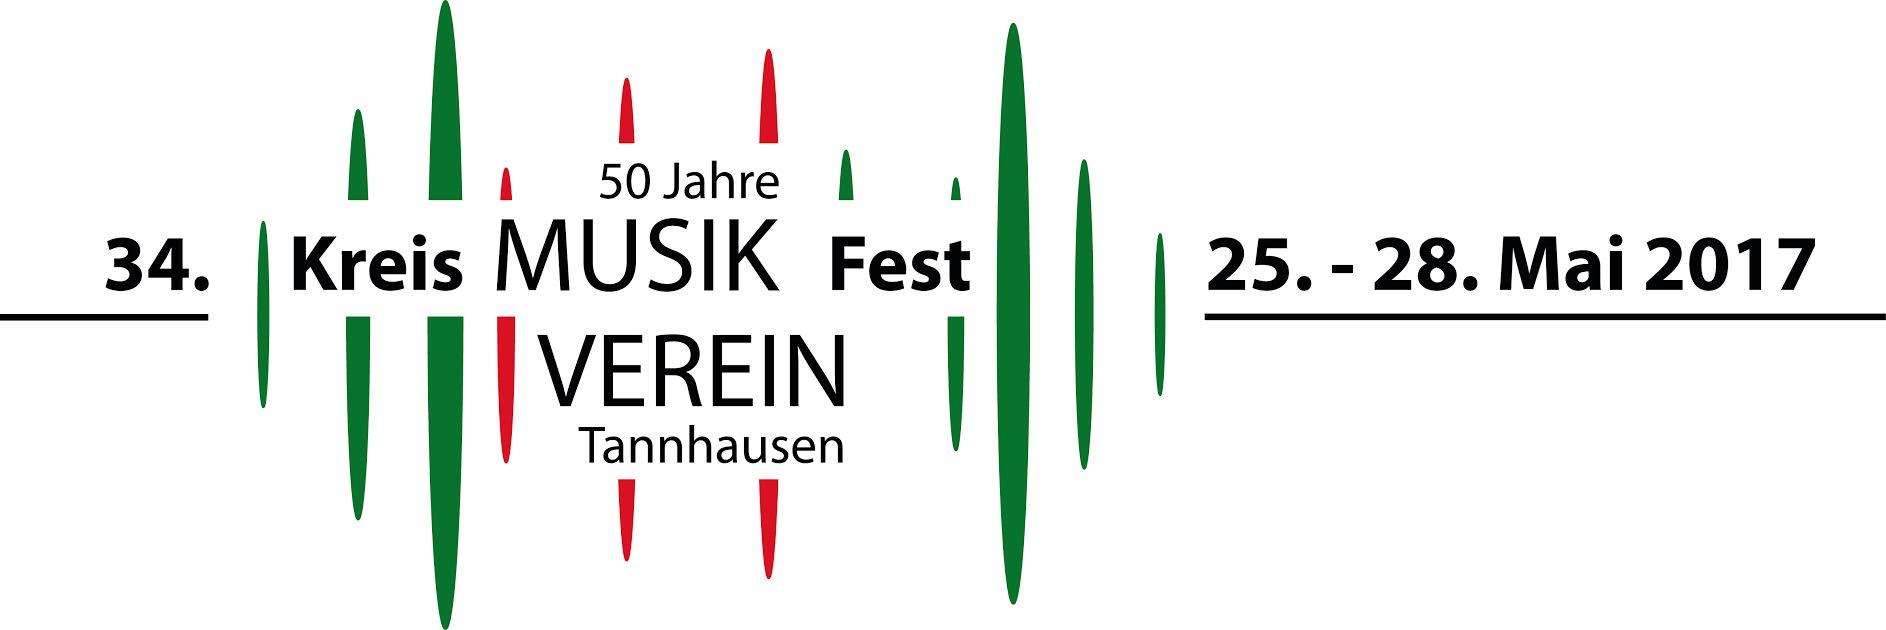 50 Jahre Musikverein Tannhausen